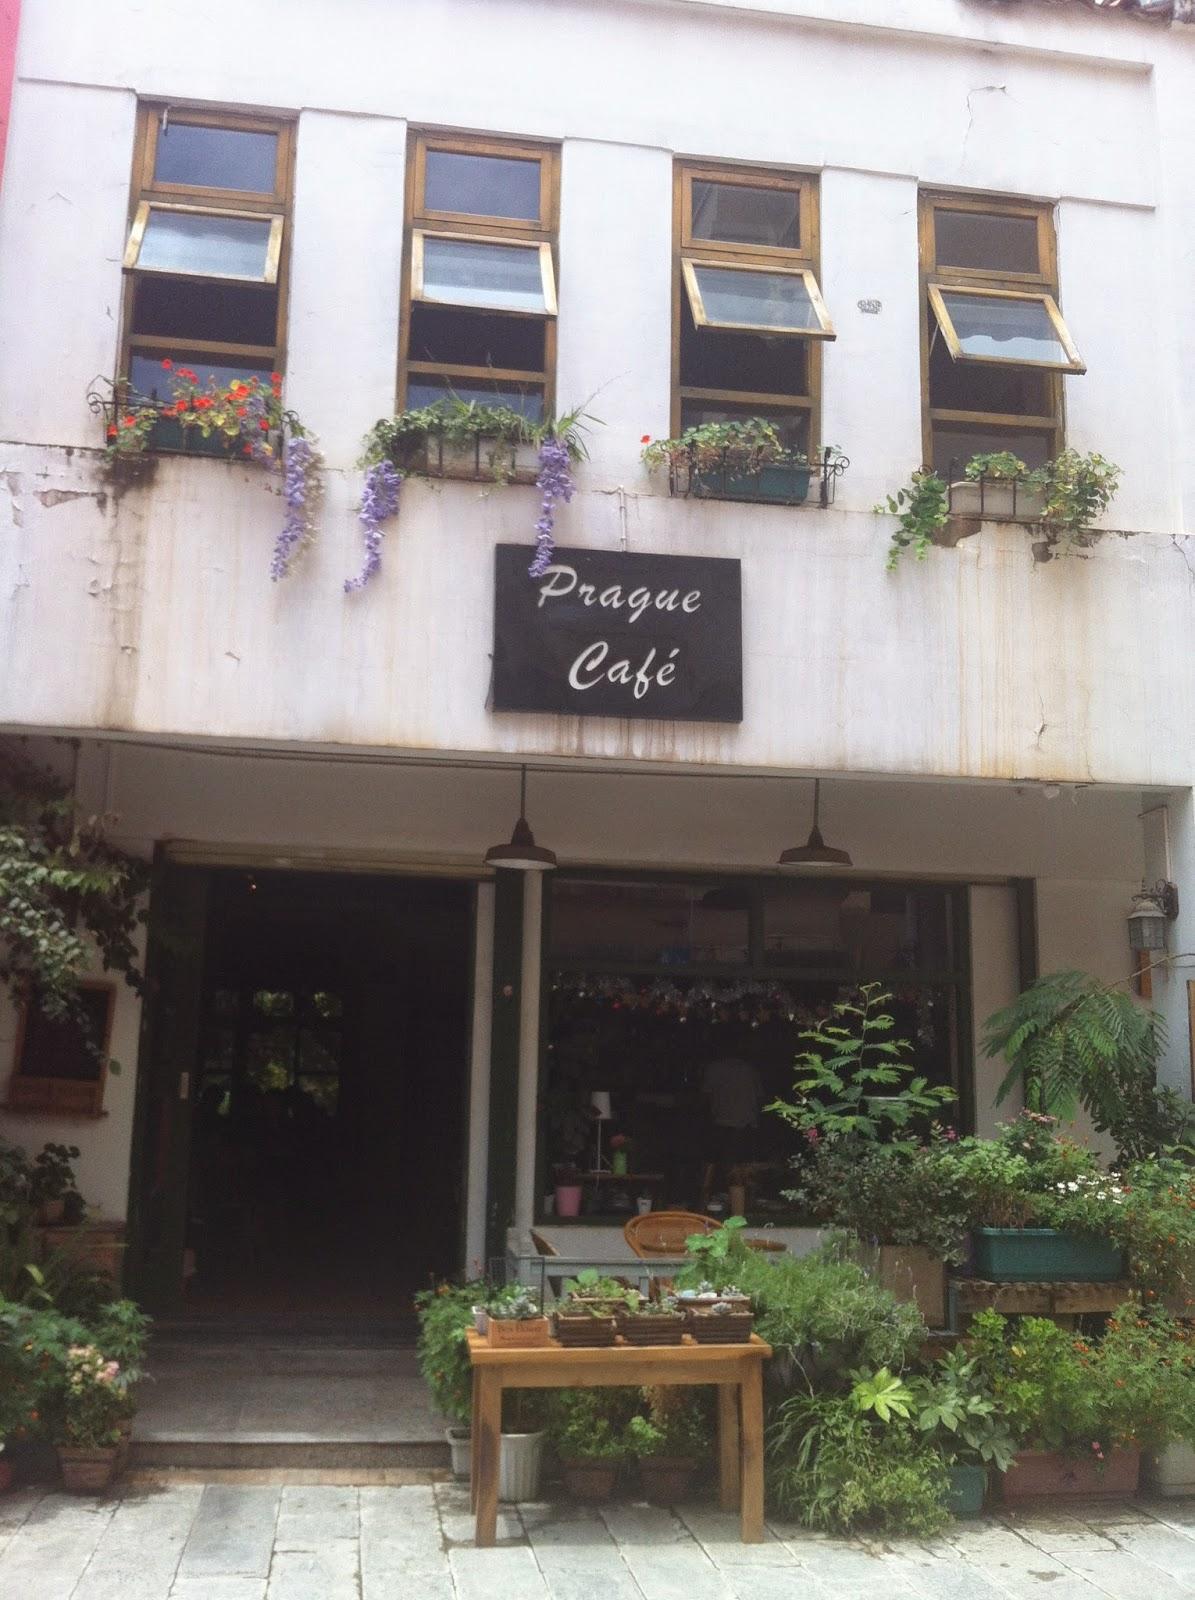 Prague Cafe in Kunming